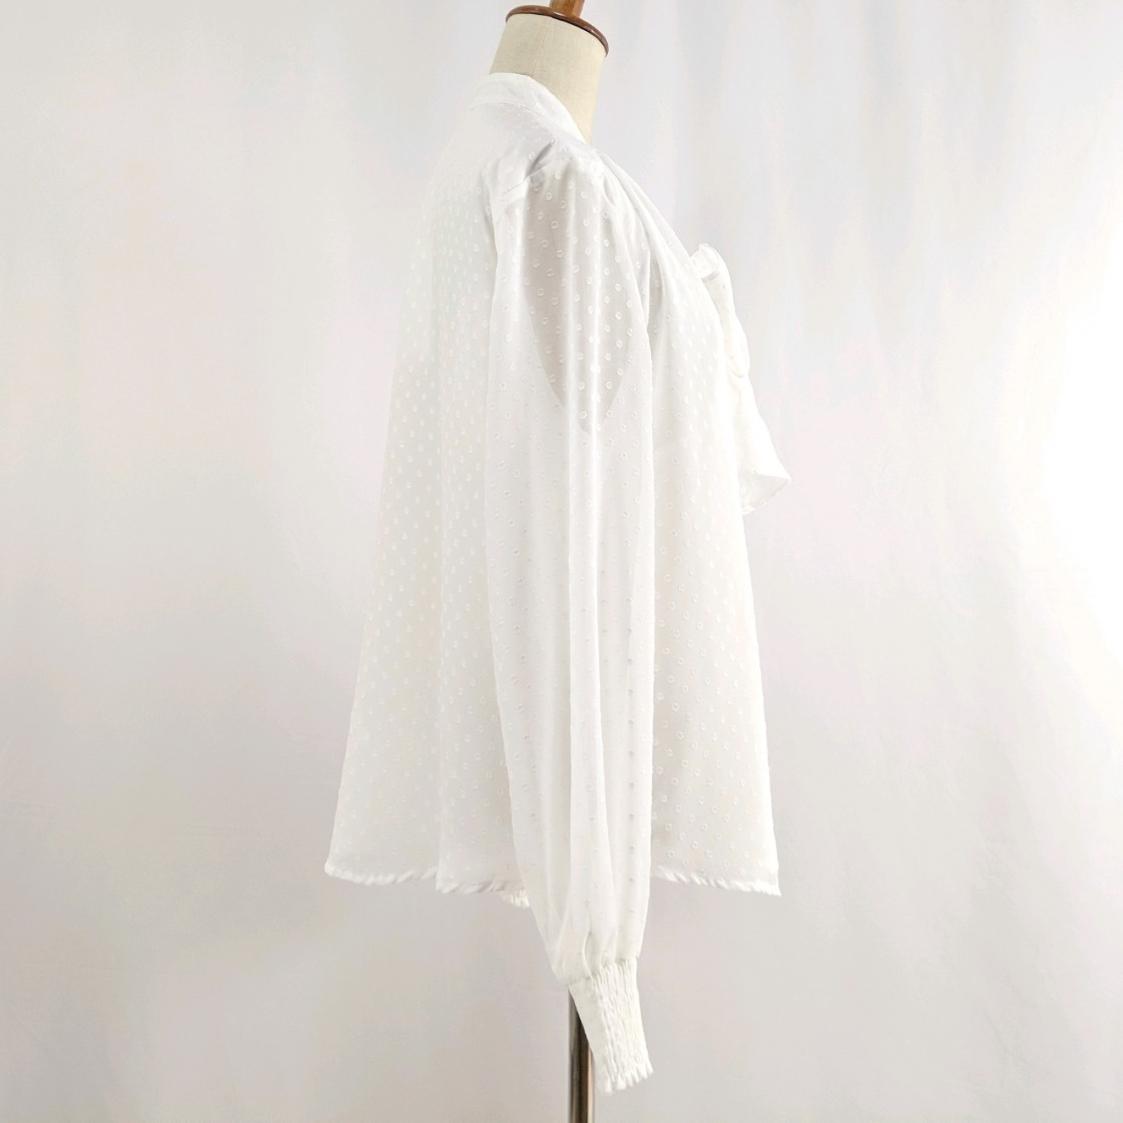 韓国 ファッション トップス ブラウス シャツ 春 夏 秋 カジュアル PTXG233  セルフドット リボンタイ シアー シフォン オルチャン シンプル 定番 セレカジの写真14枚目